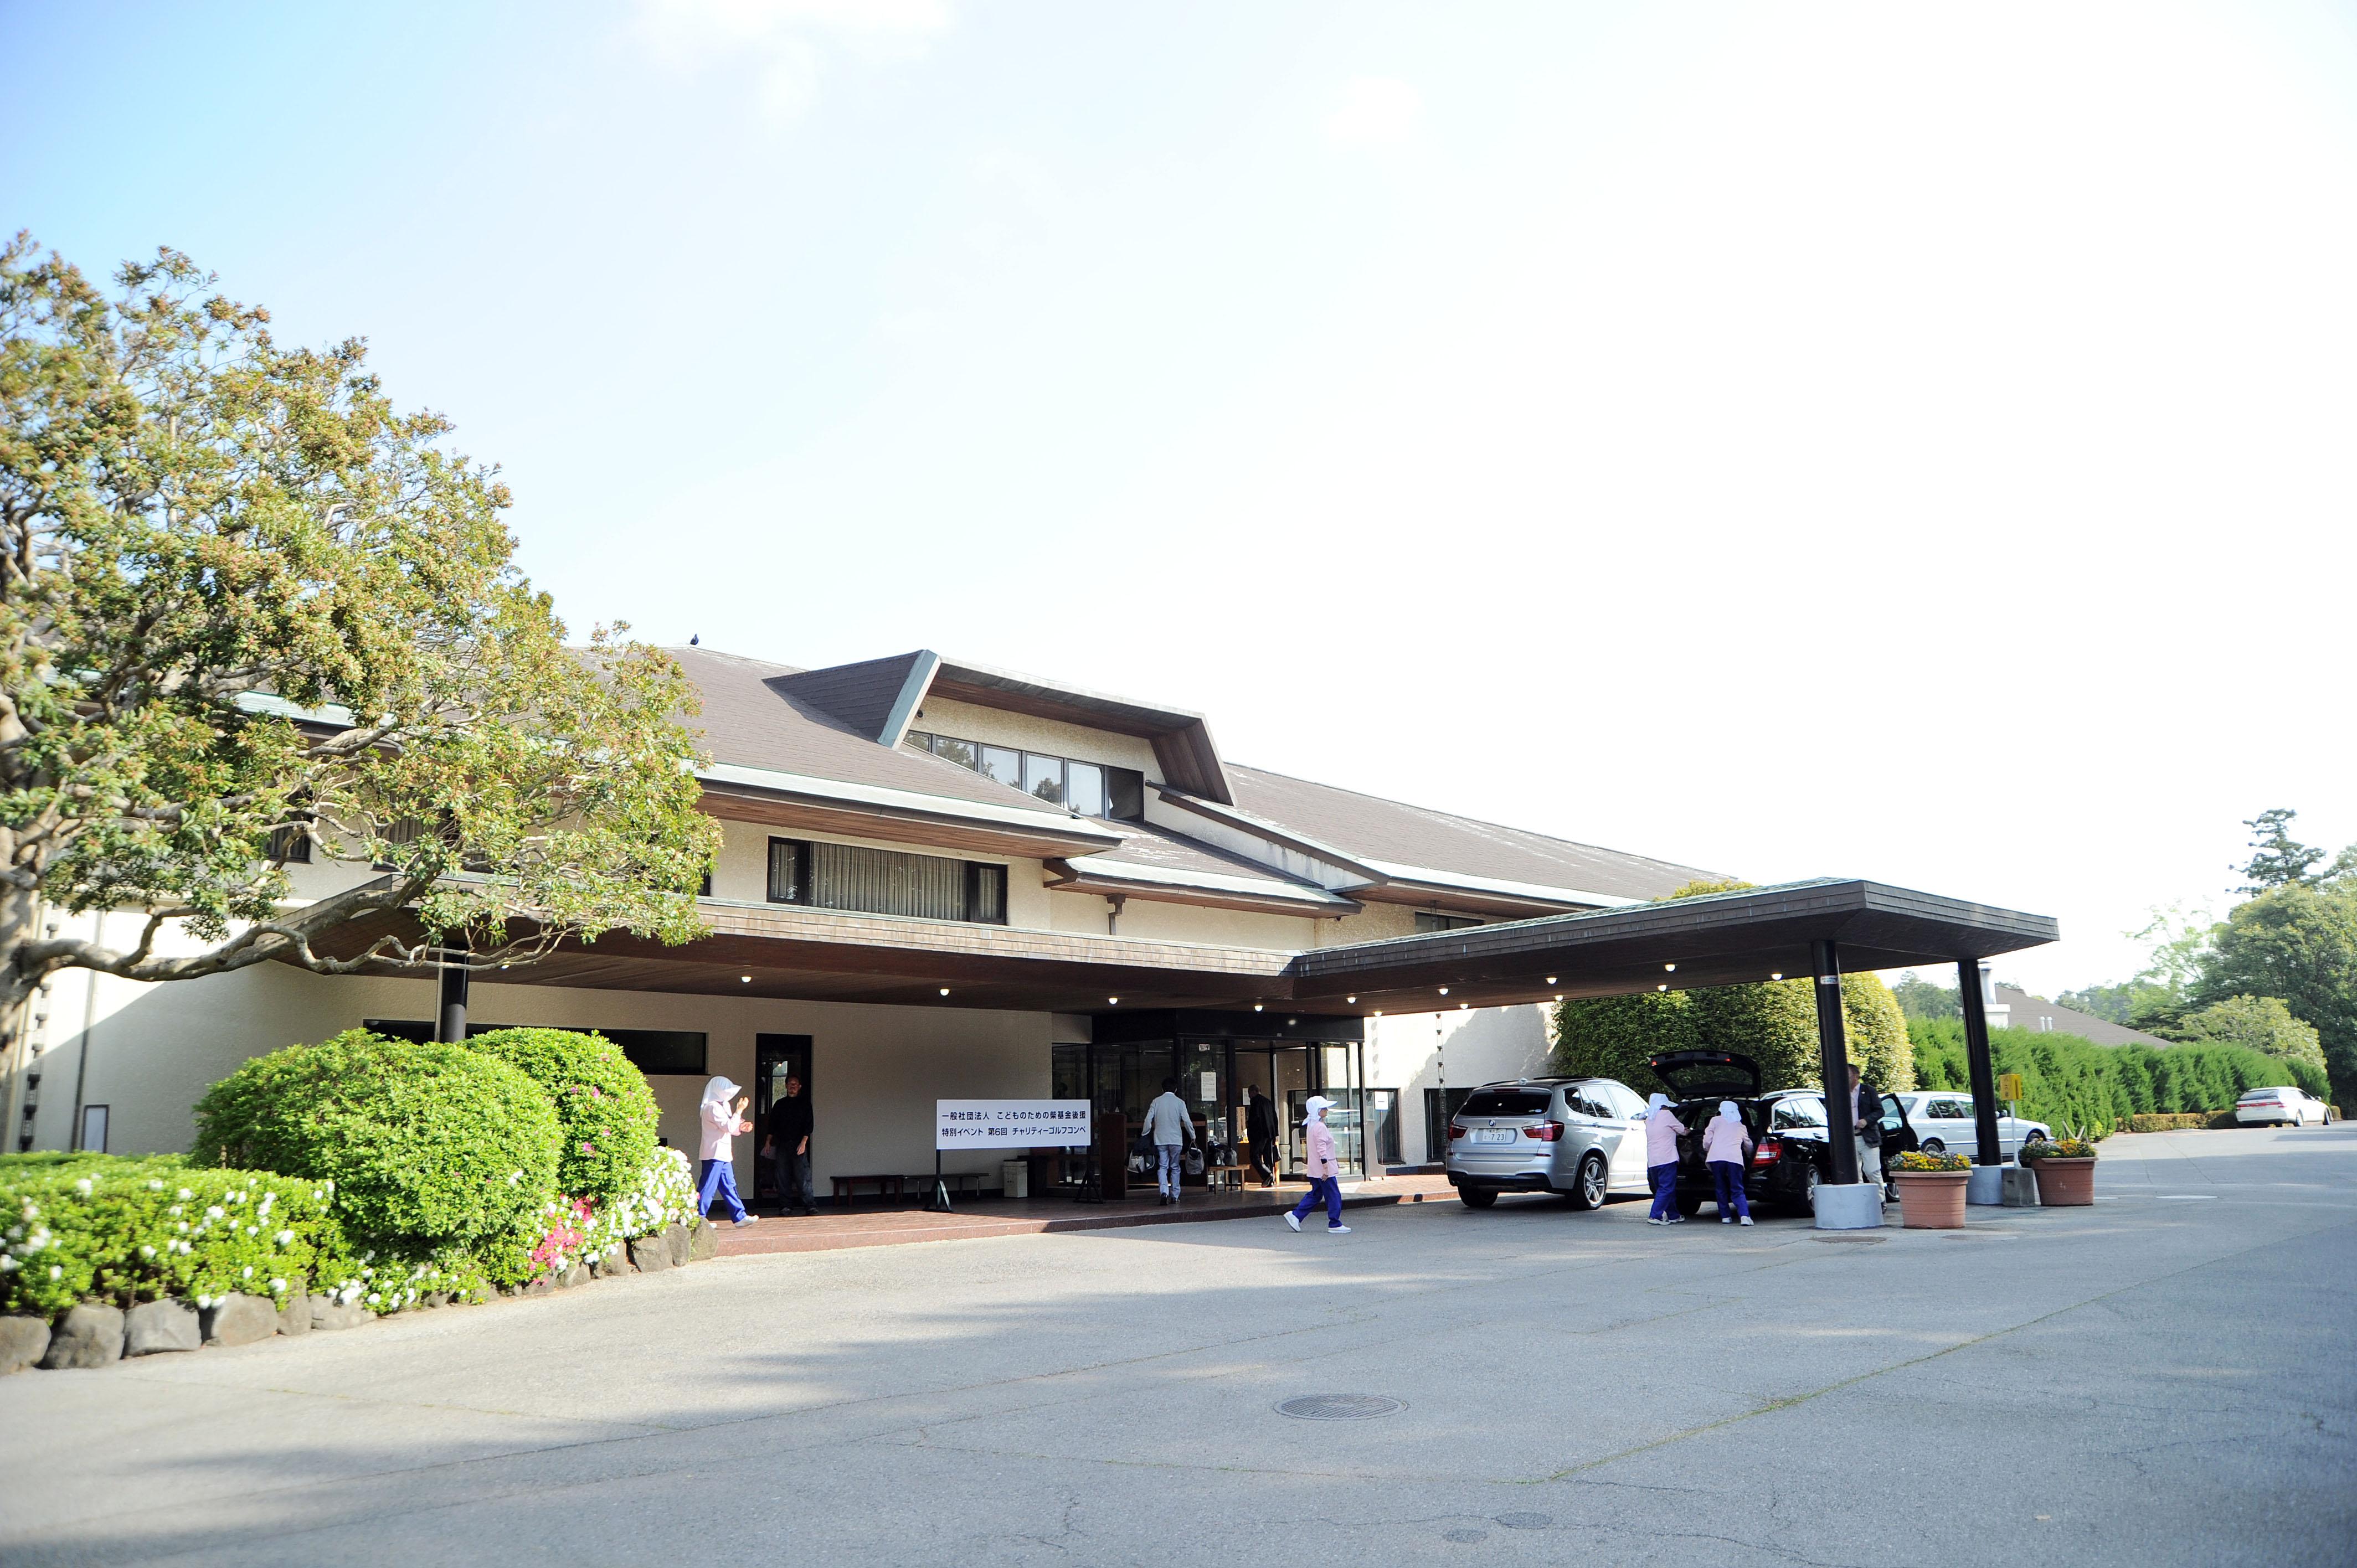 第6回チャリティーゴルフコンペ at 泉カントリー倶楽部